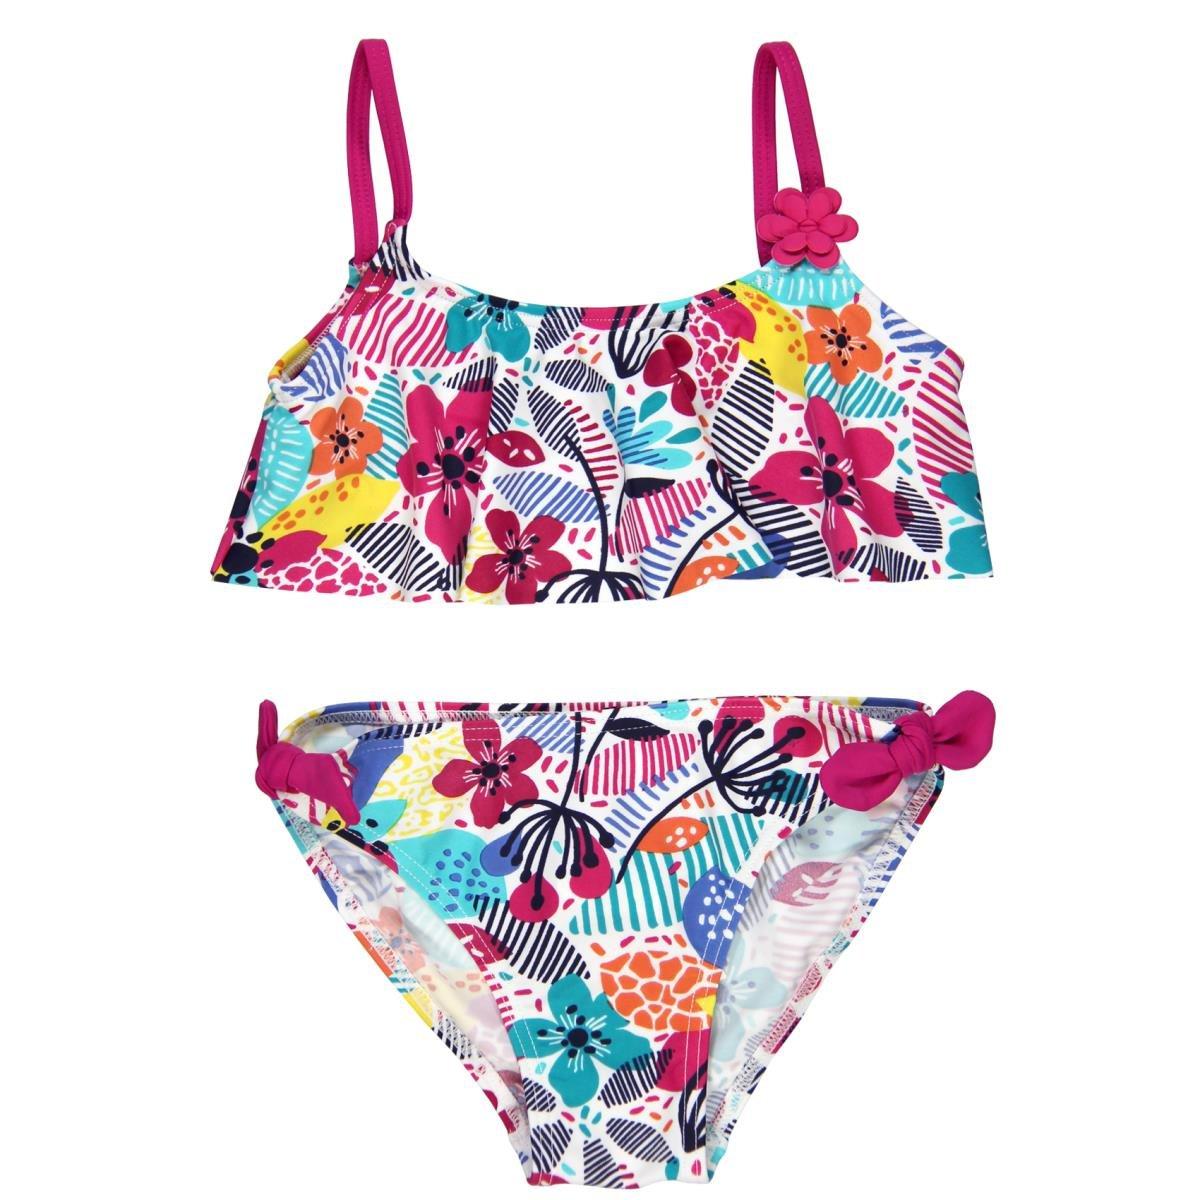 boboli Girl's Floral Bikini Bóboli 823261